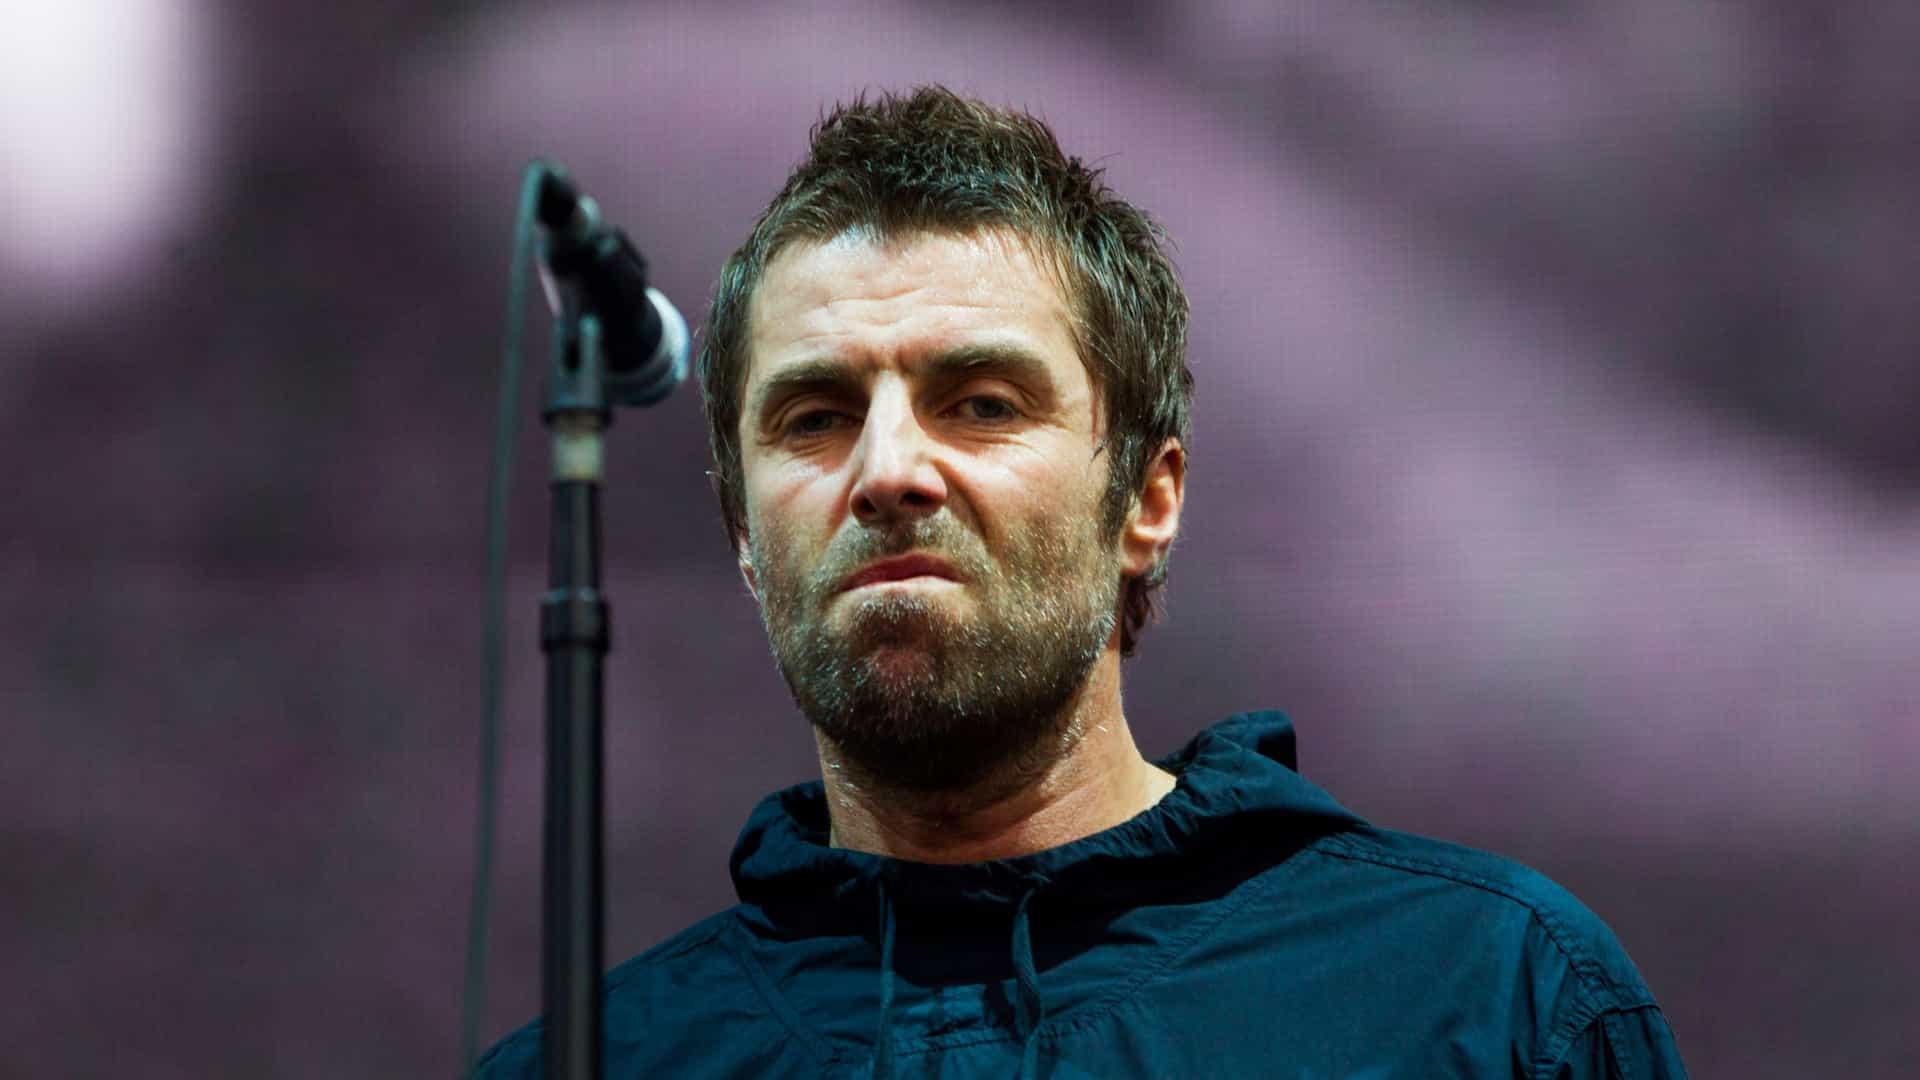 Filho de Liam Gallagher expulso do colégio onde estudava